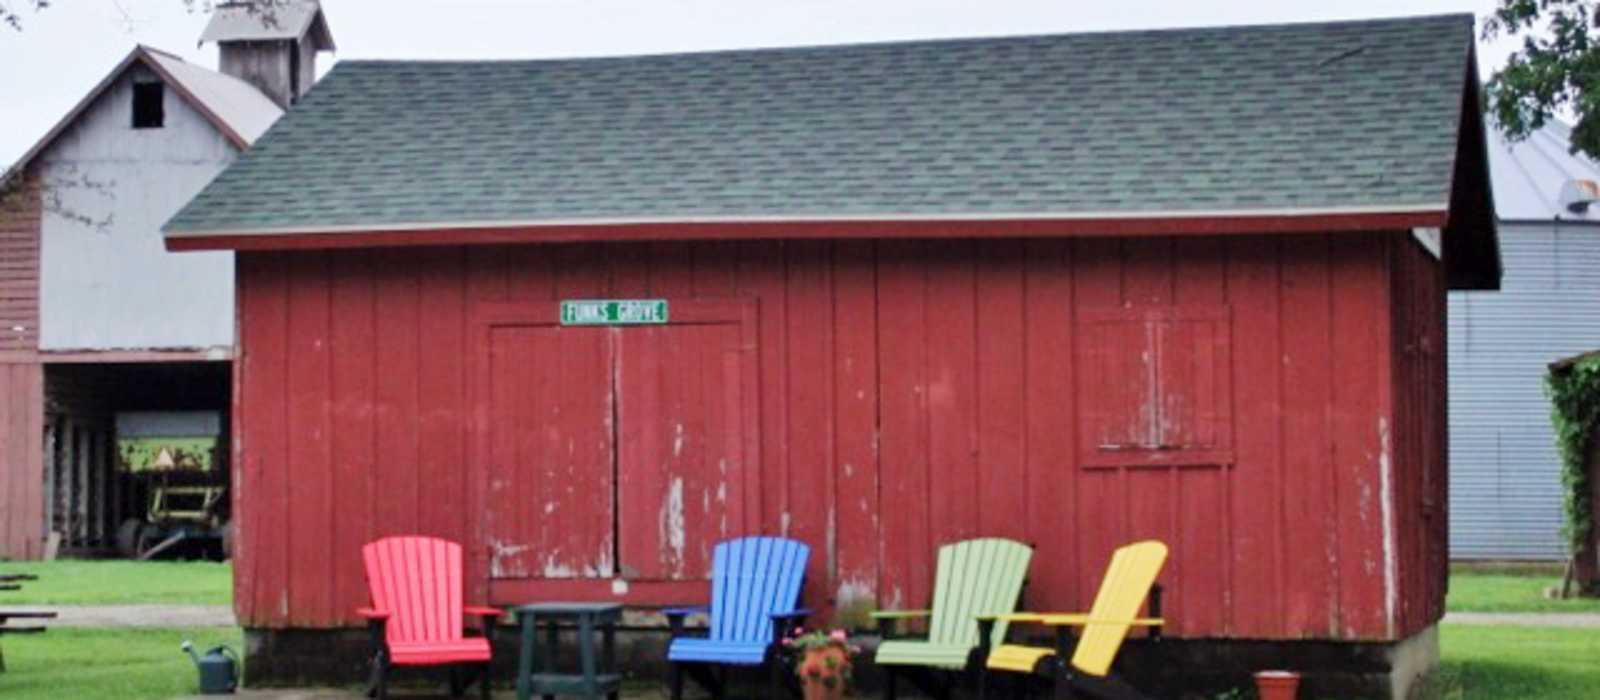 Maple Sirup Farm Funks Grove